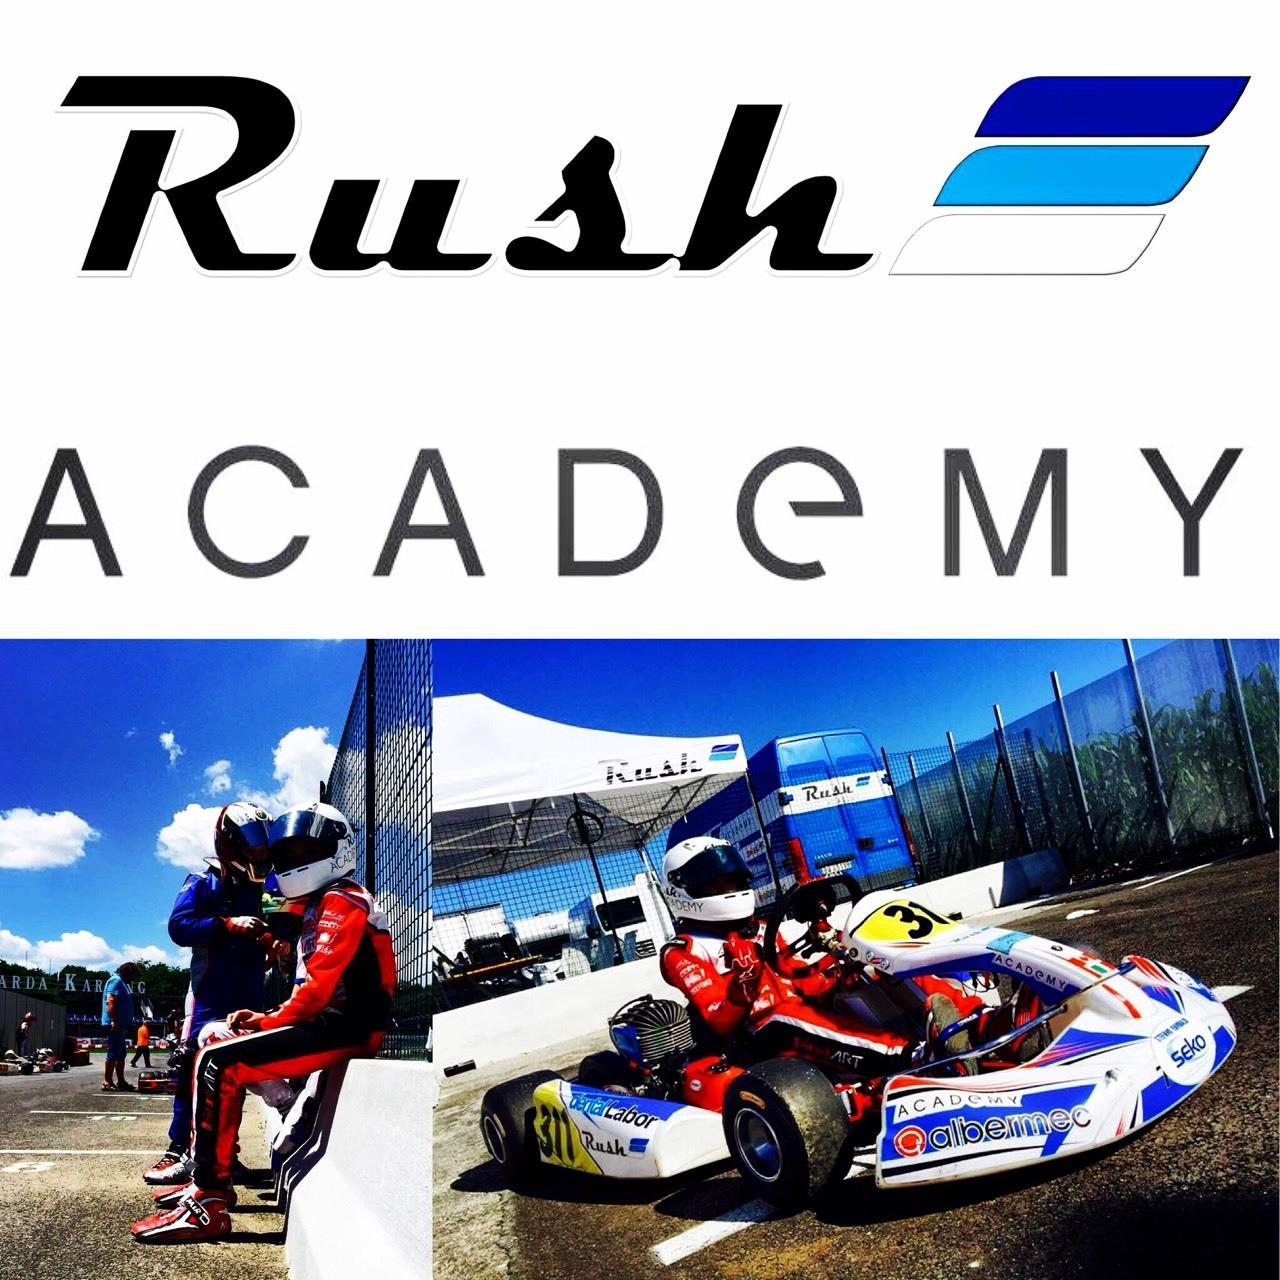 Today race 4 Easykart... Are you ready? Follow us !!! #rushacademy #MurrayJamesFraser311 #birelart #easykart #lonatodelgarda #southgardakarting